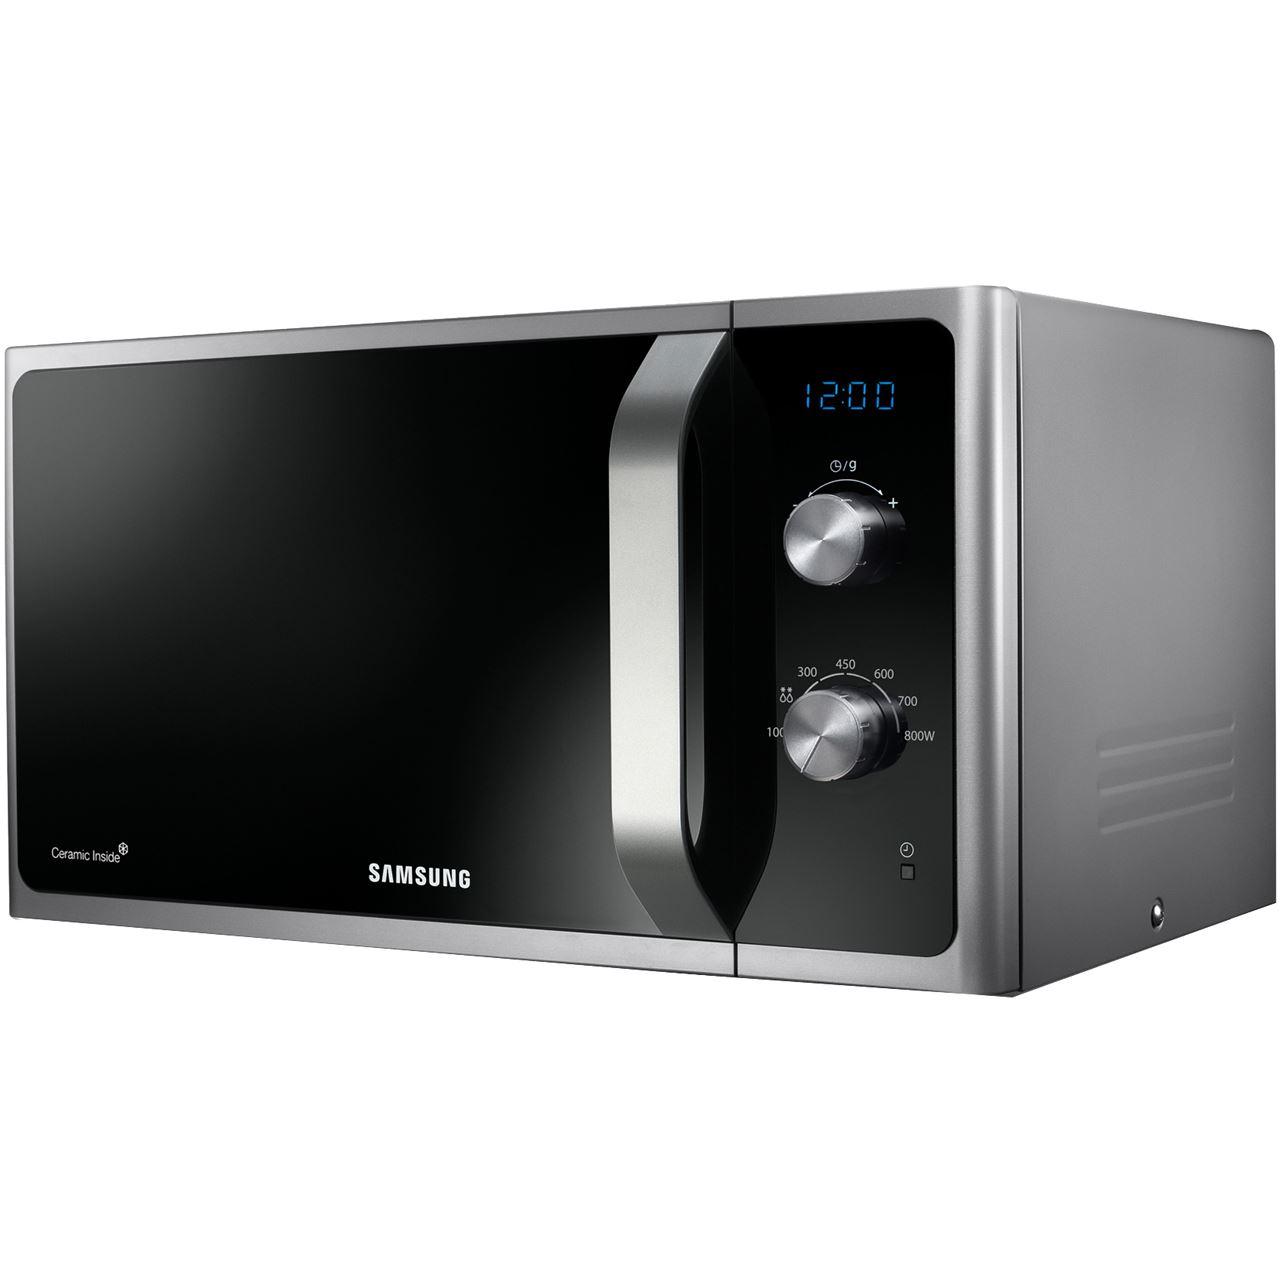 Samsung MS23F301EAS Mikrowelle - Mikrowellen | Mindfactory.de ...